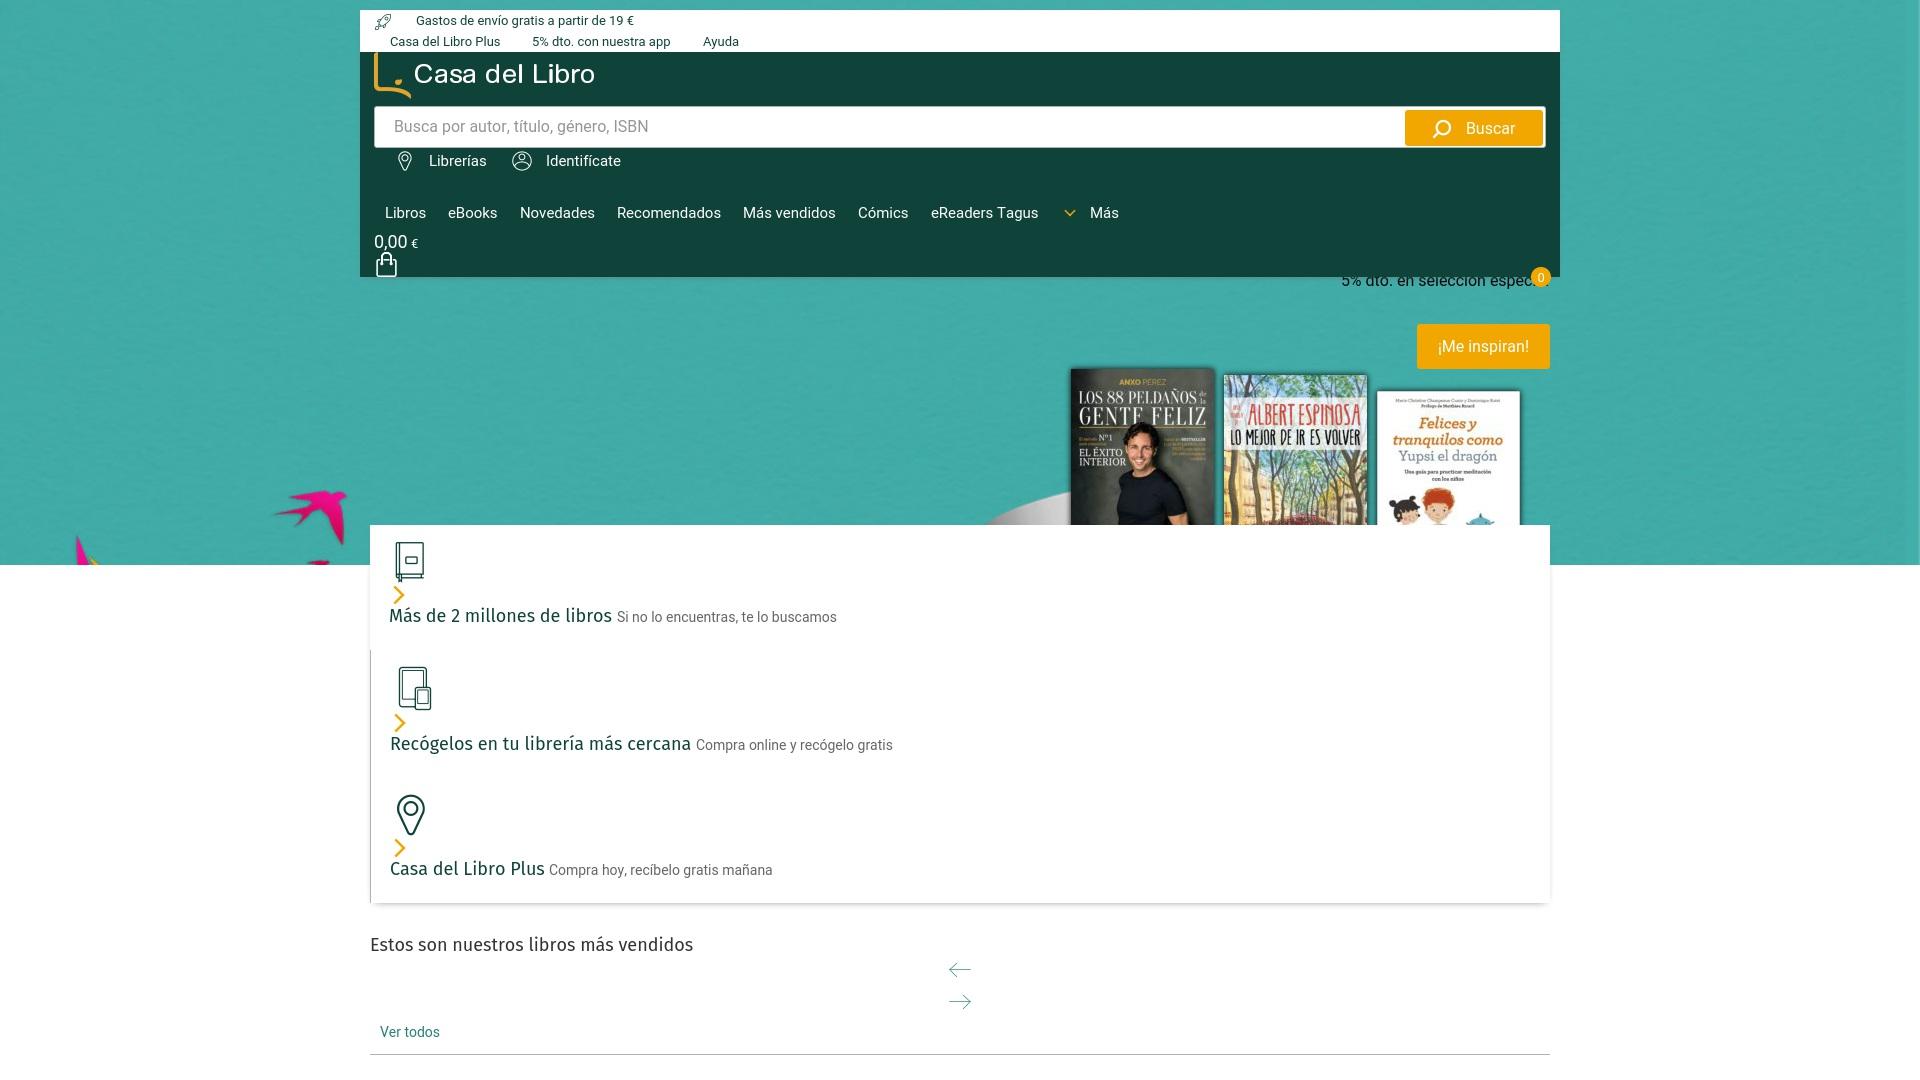 Gutschein für Casadellibro: Rabatte für  Casadellibro sichern